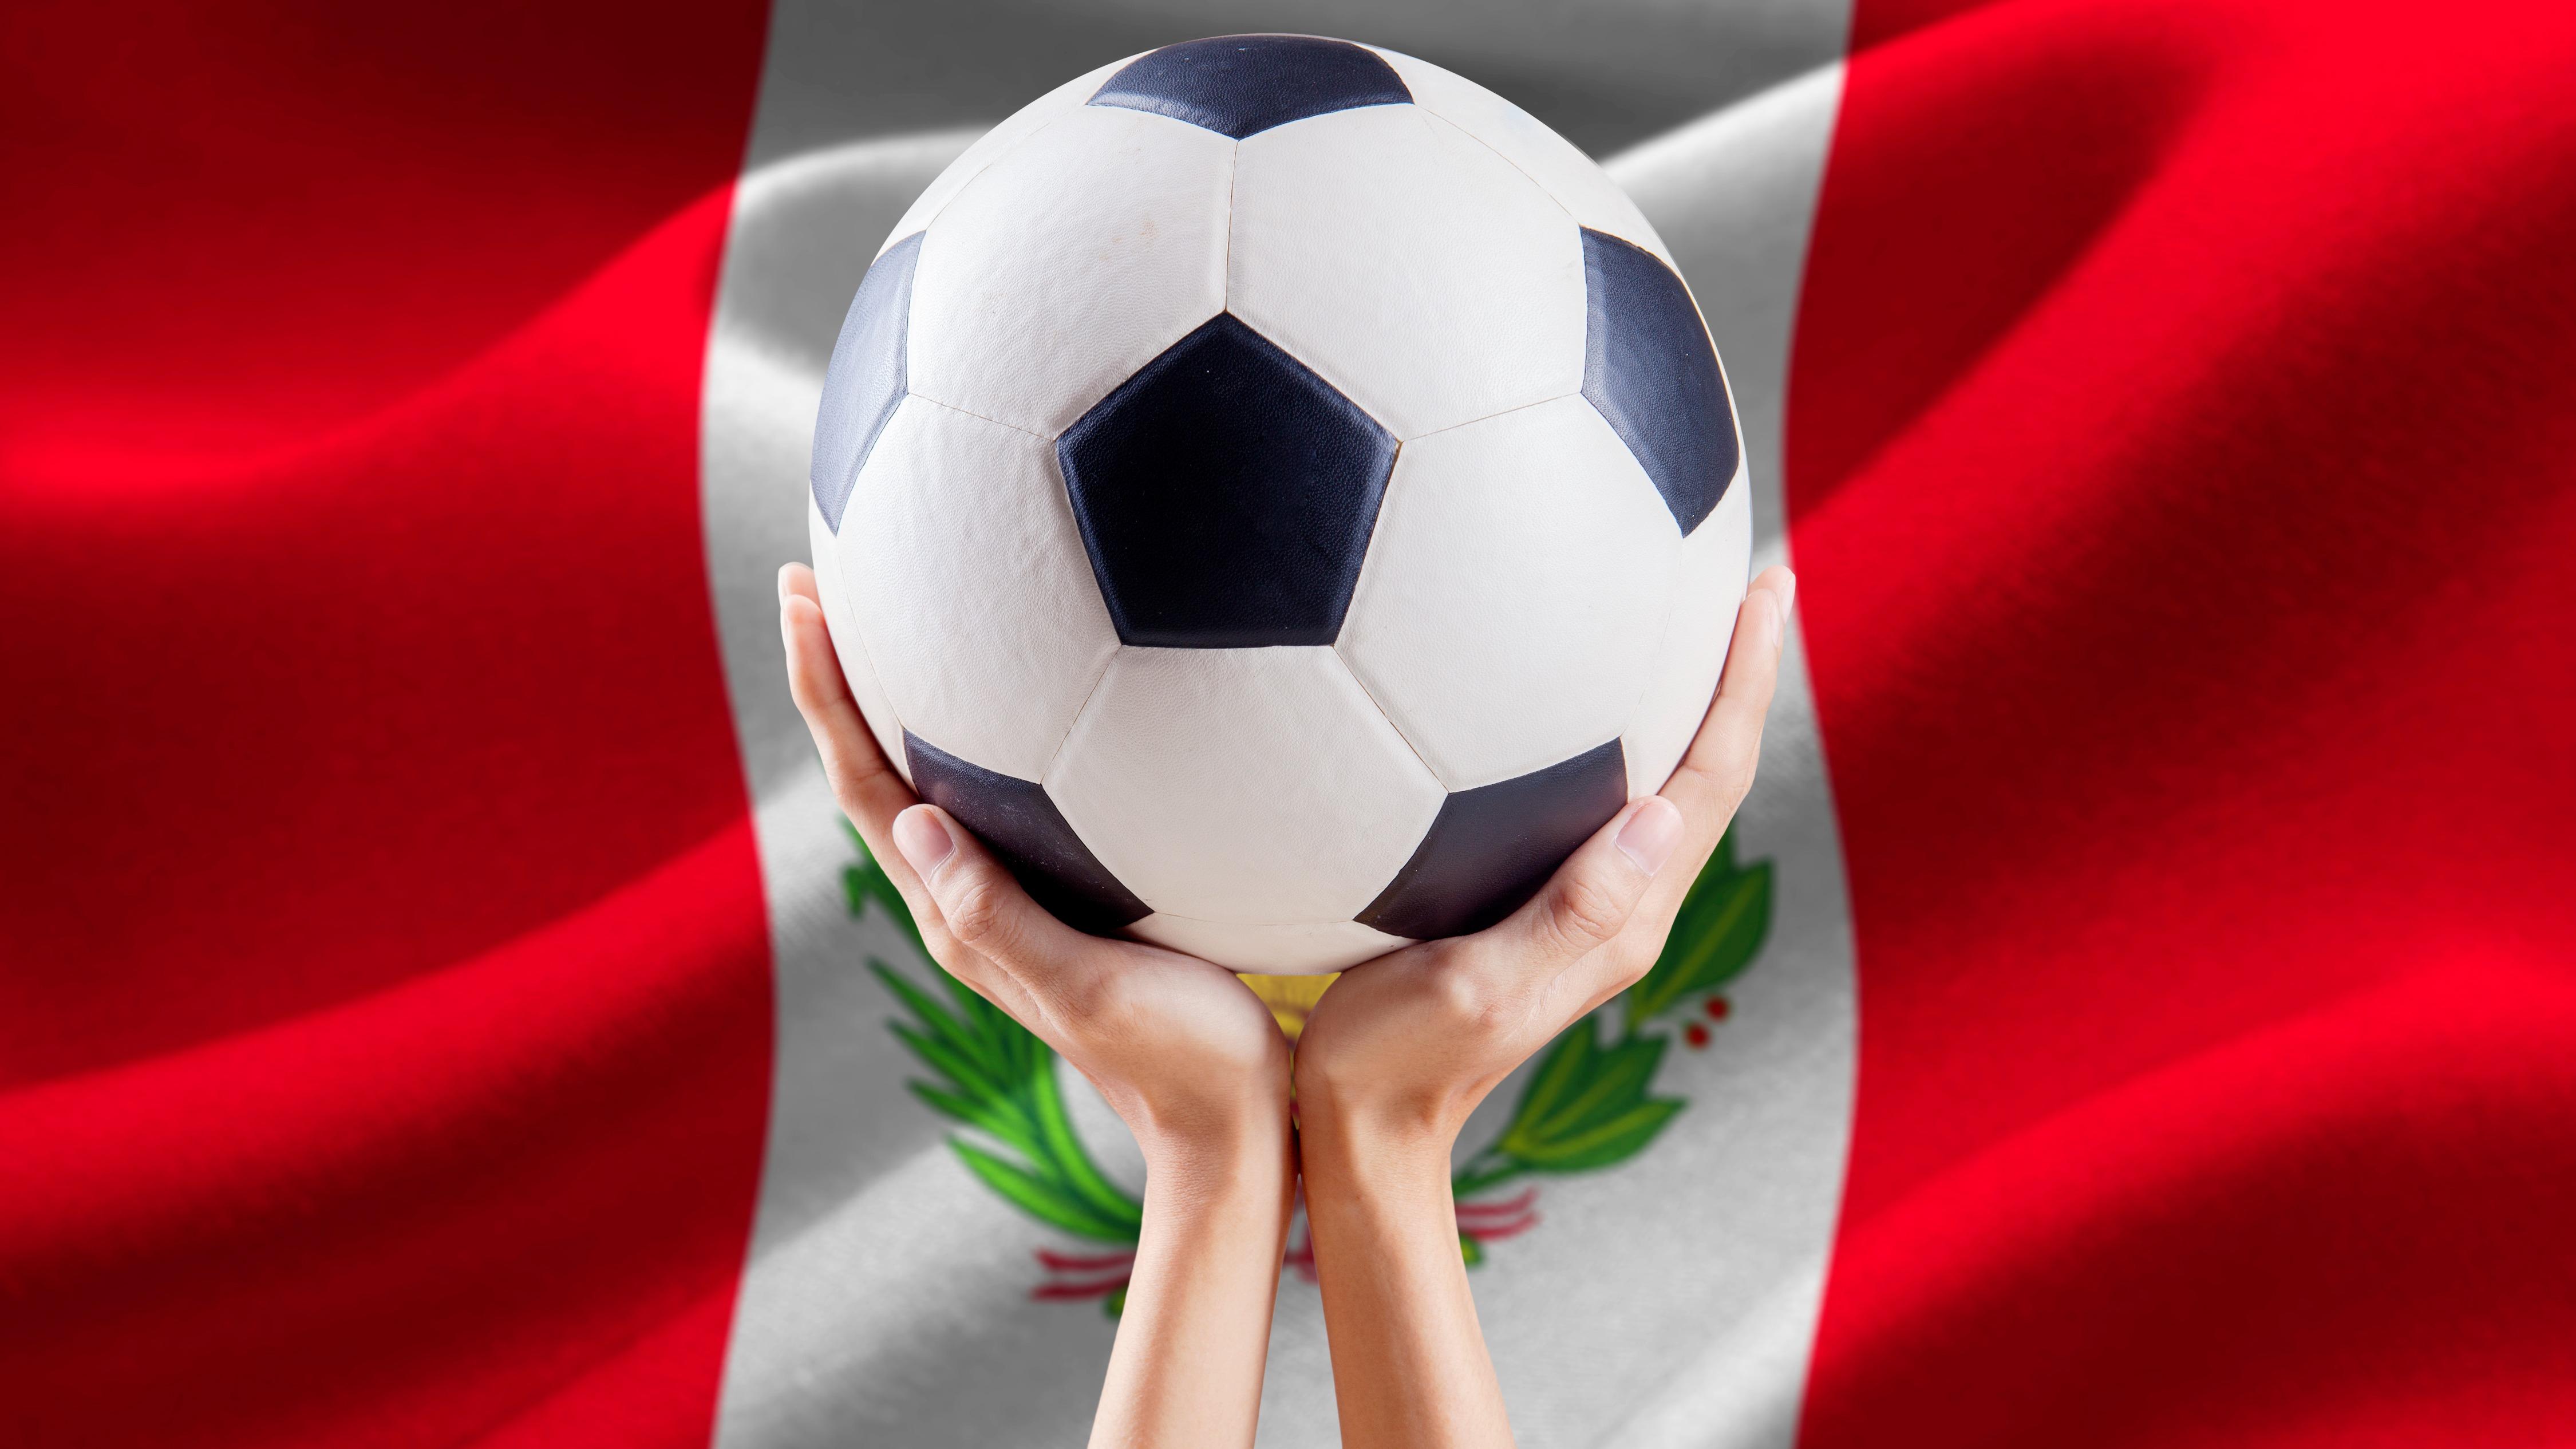 En el caso de un partido de la selección nacional, las rivalidades entre seguidores de equipos locales rivales se ven disueltas.